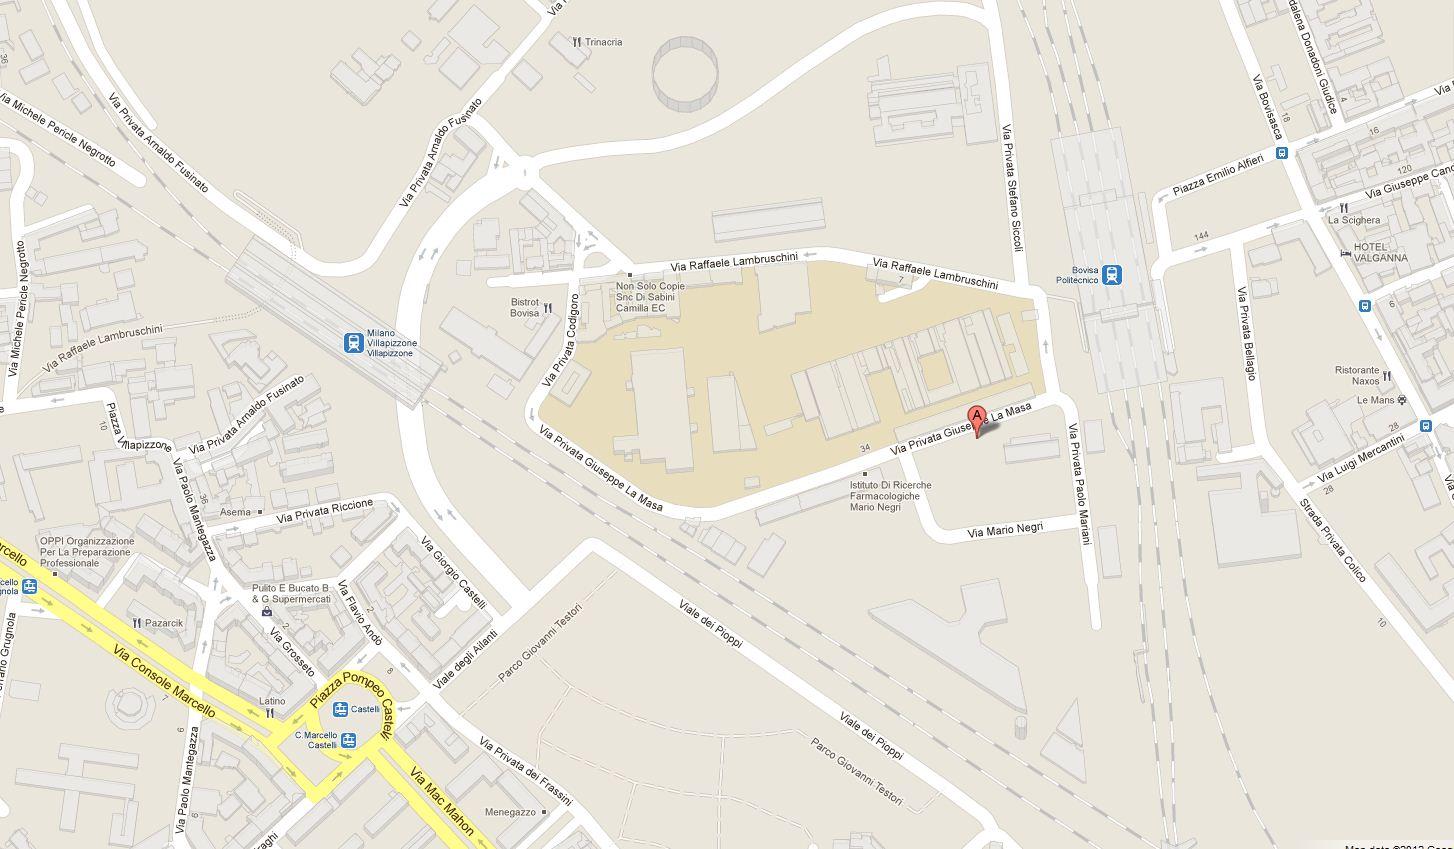 Sitec dove siamo - Milano porta garibaldi passante mappa ...